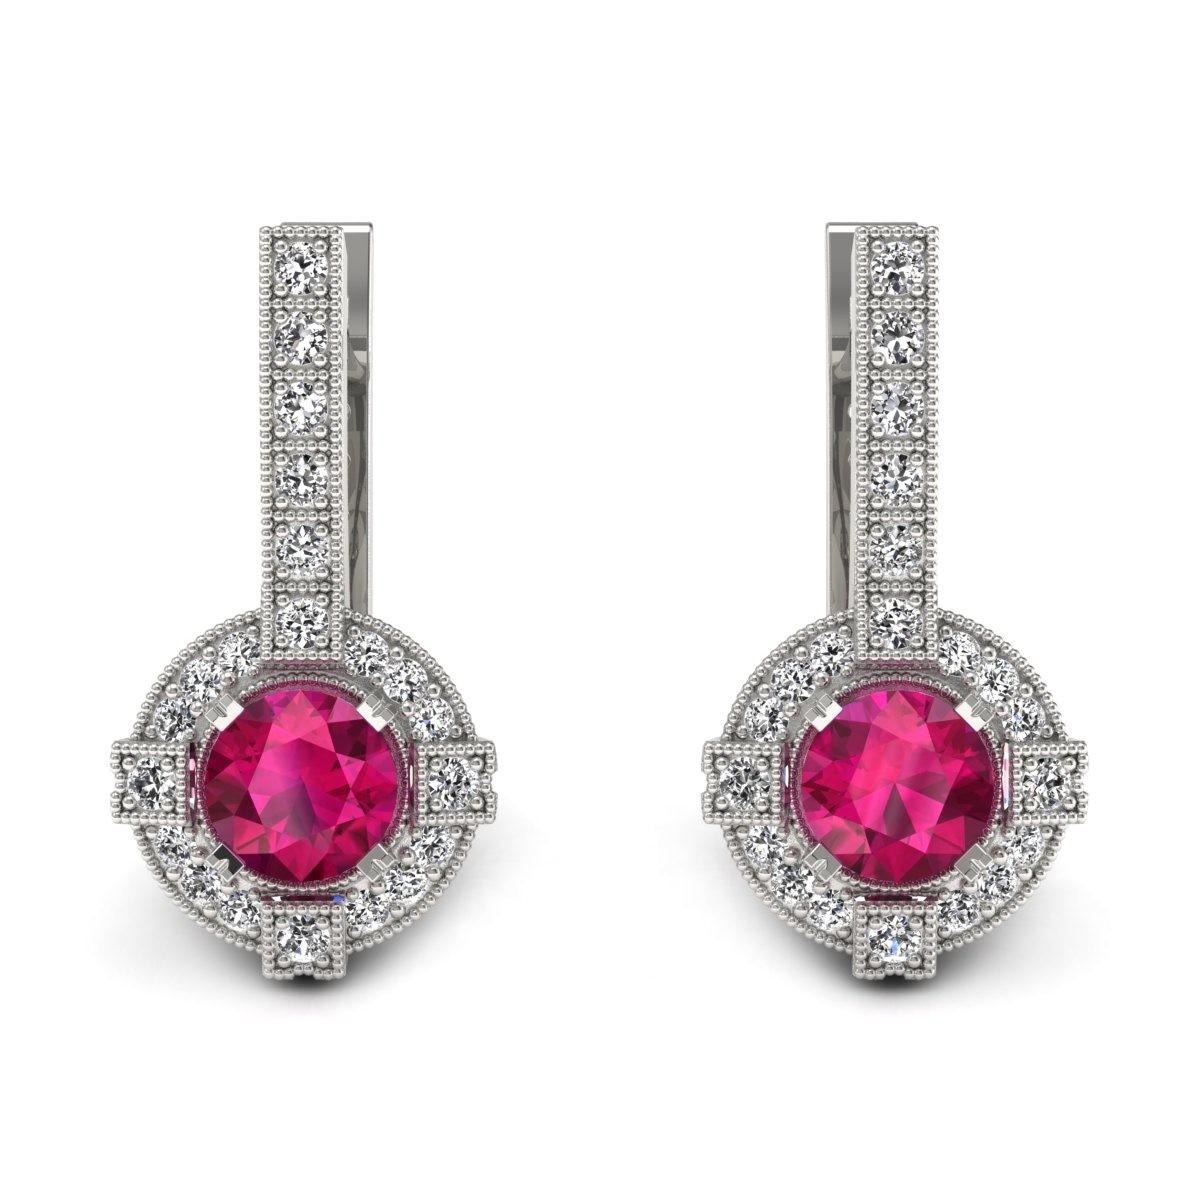 Audrey - Kolczyki z rubinami i diamentami